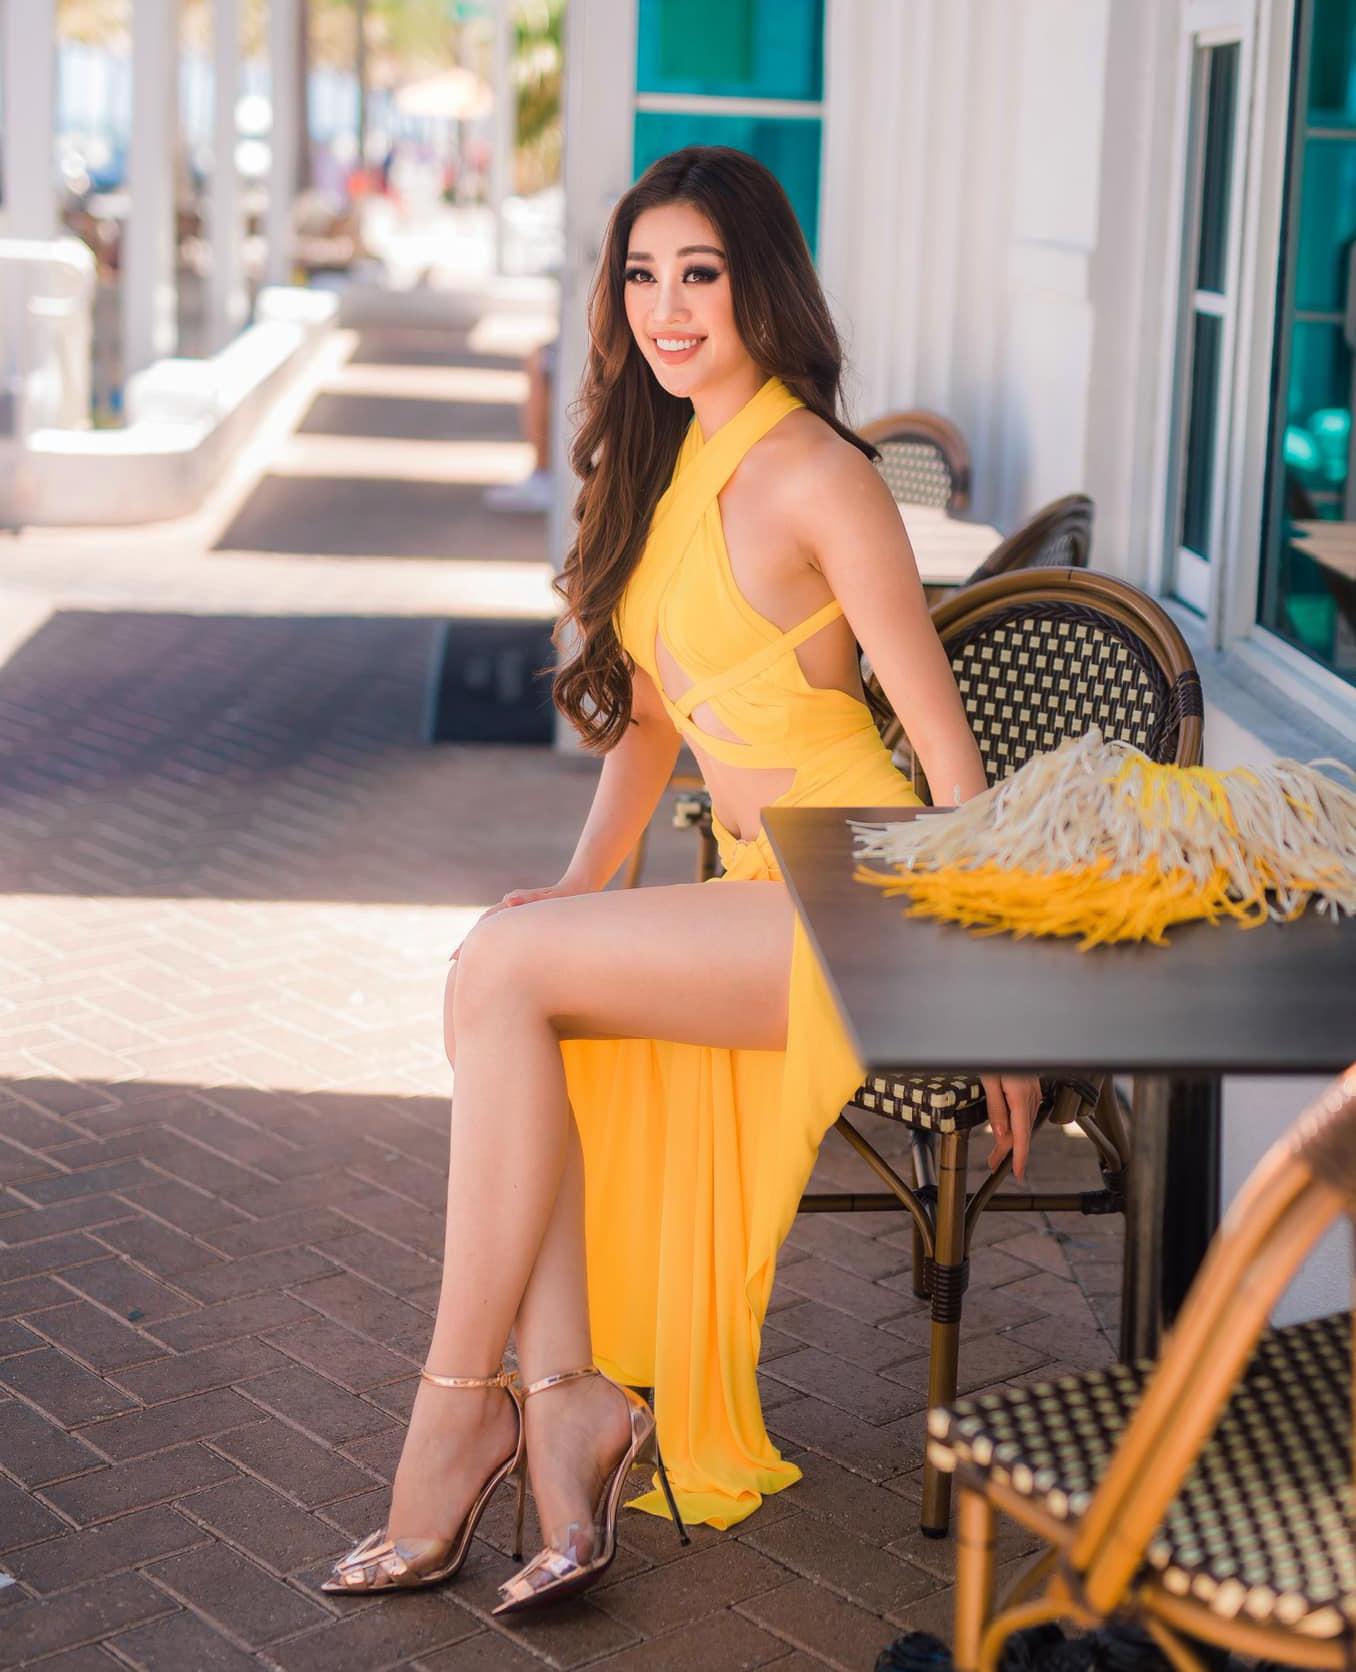 Thiết kế đầm khoét bụng, xẻ tà được Khánh Vân diện đi cafe sương sương giúp cô tôn body được tập luyện kỹ càng, nghiêm ngặt.